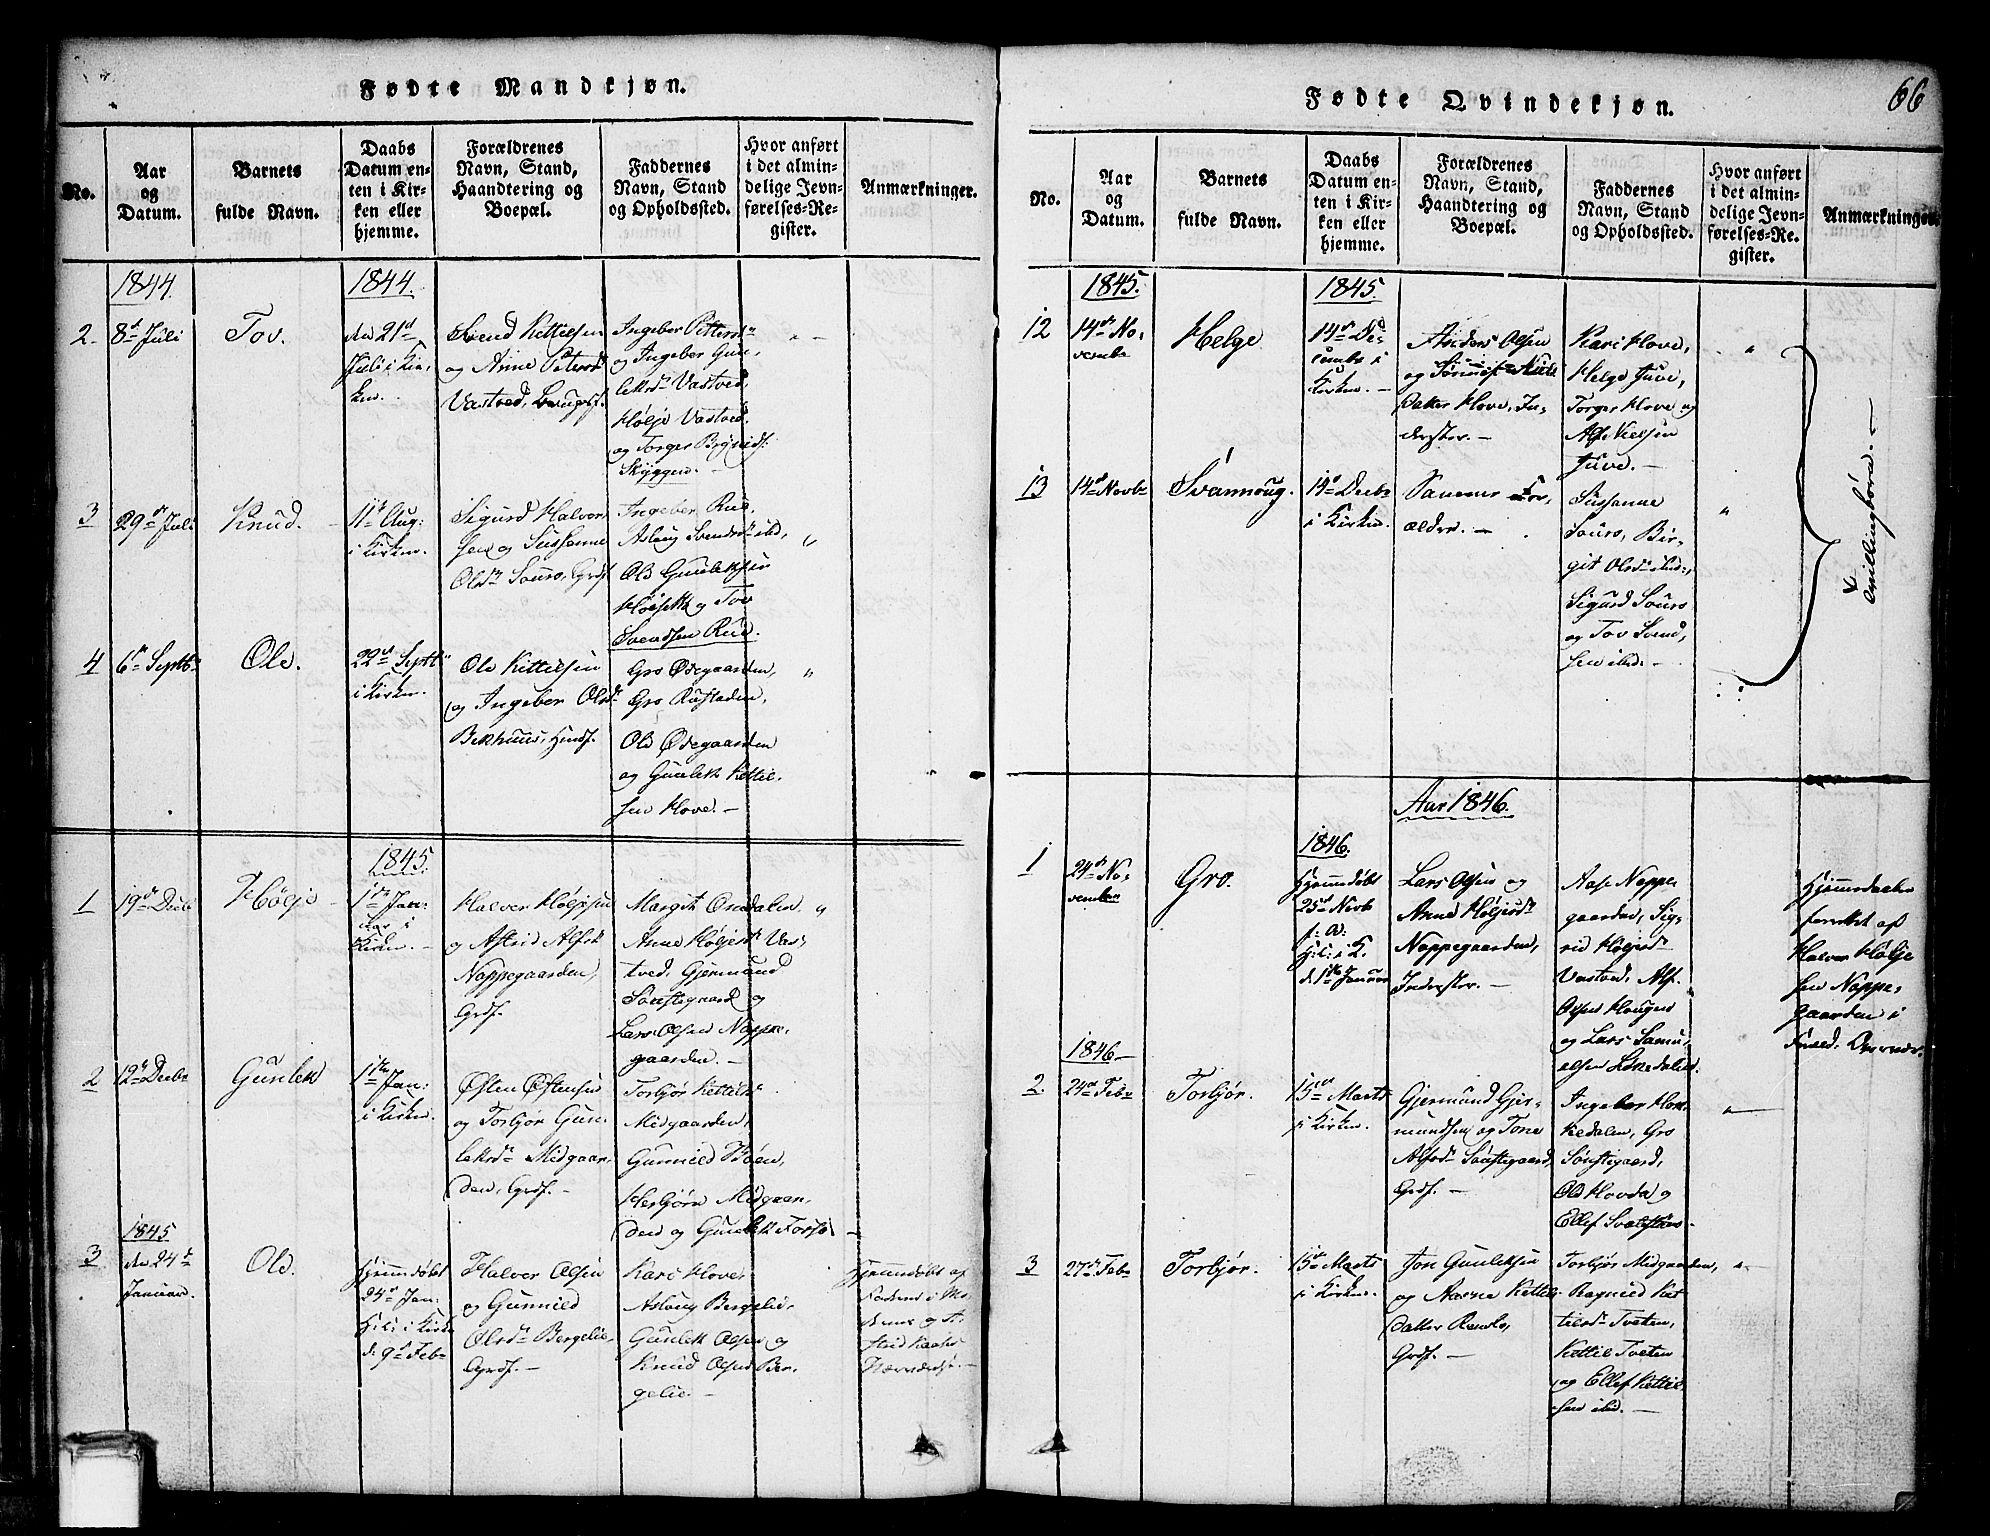 SAKO, Gransherad kirkebøker, G/Gb/L0001: Klokkerbok nr. II 1, 1815-1860, s. 66